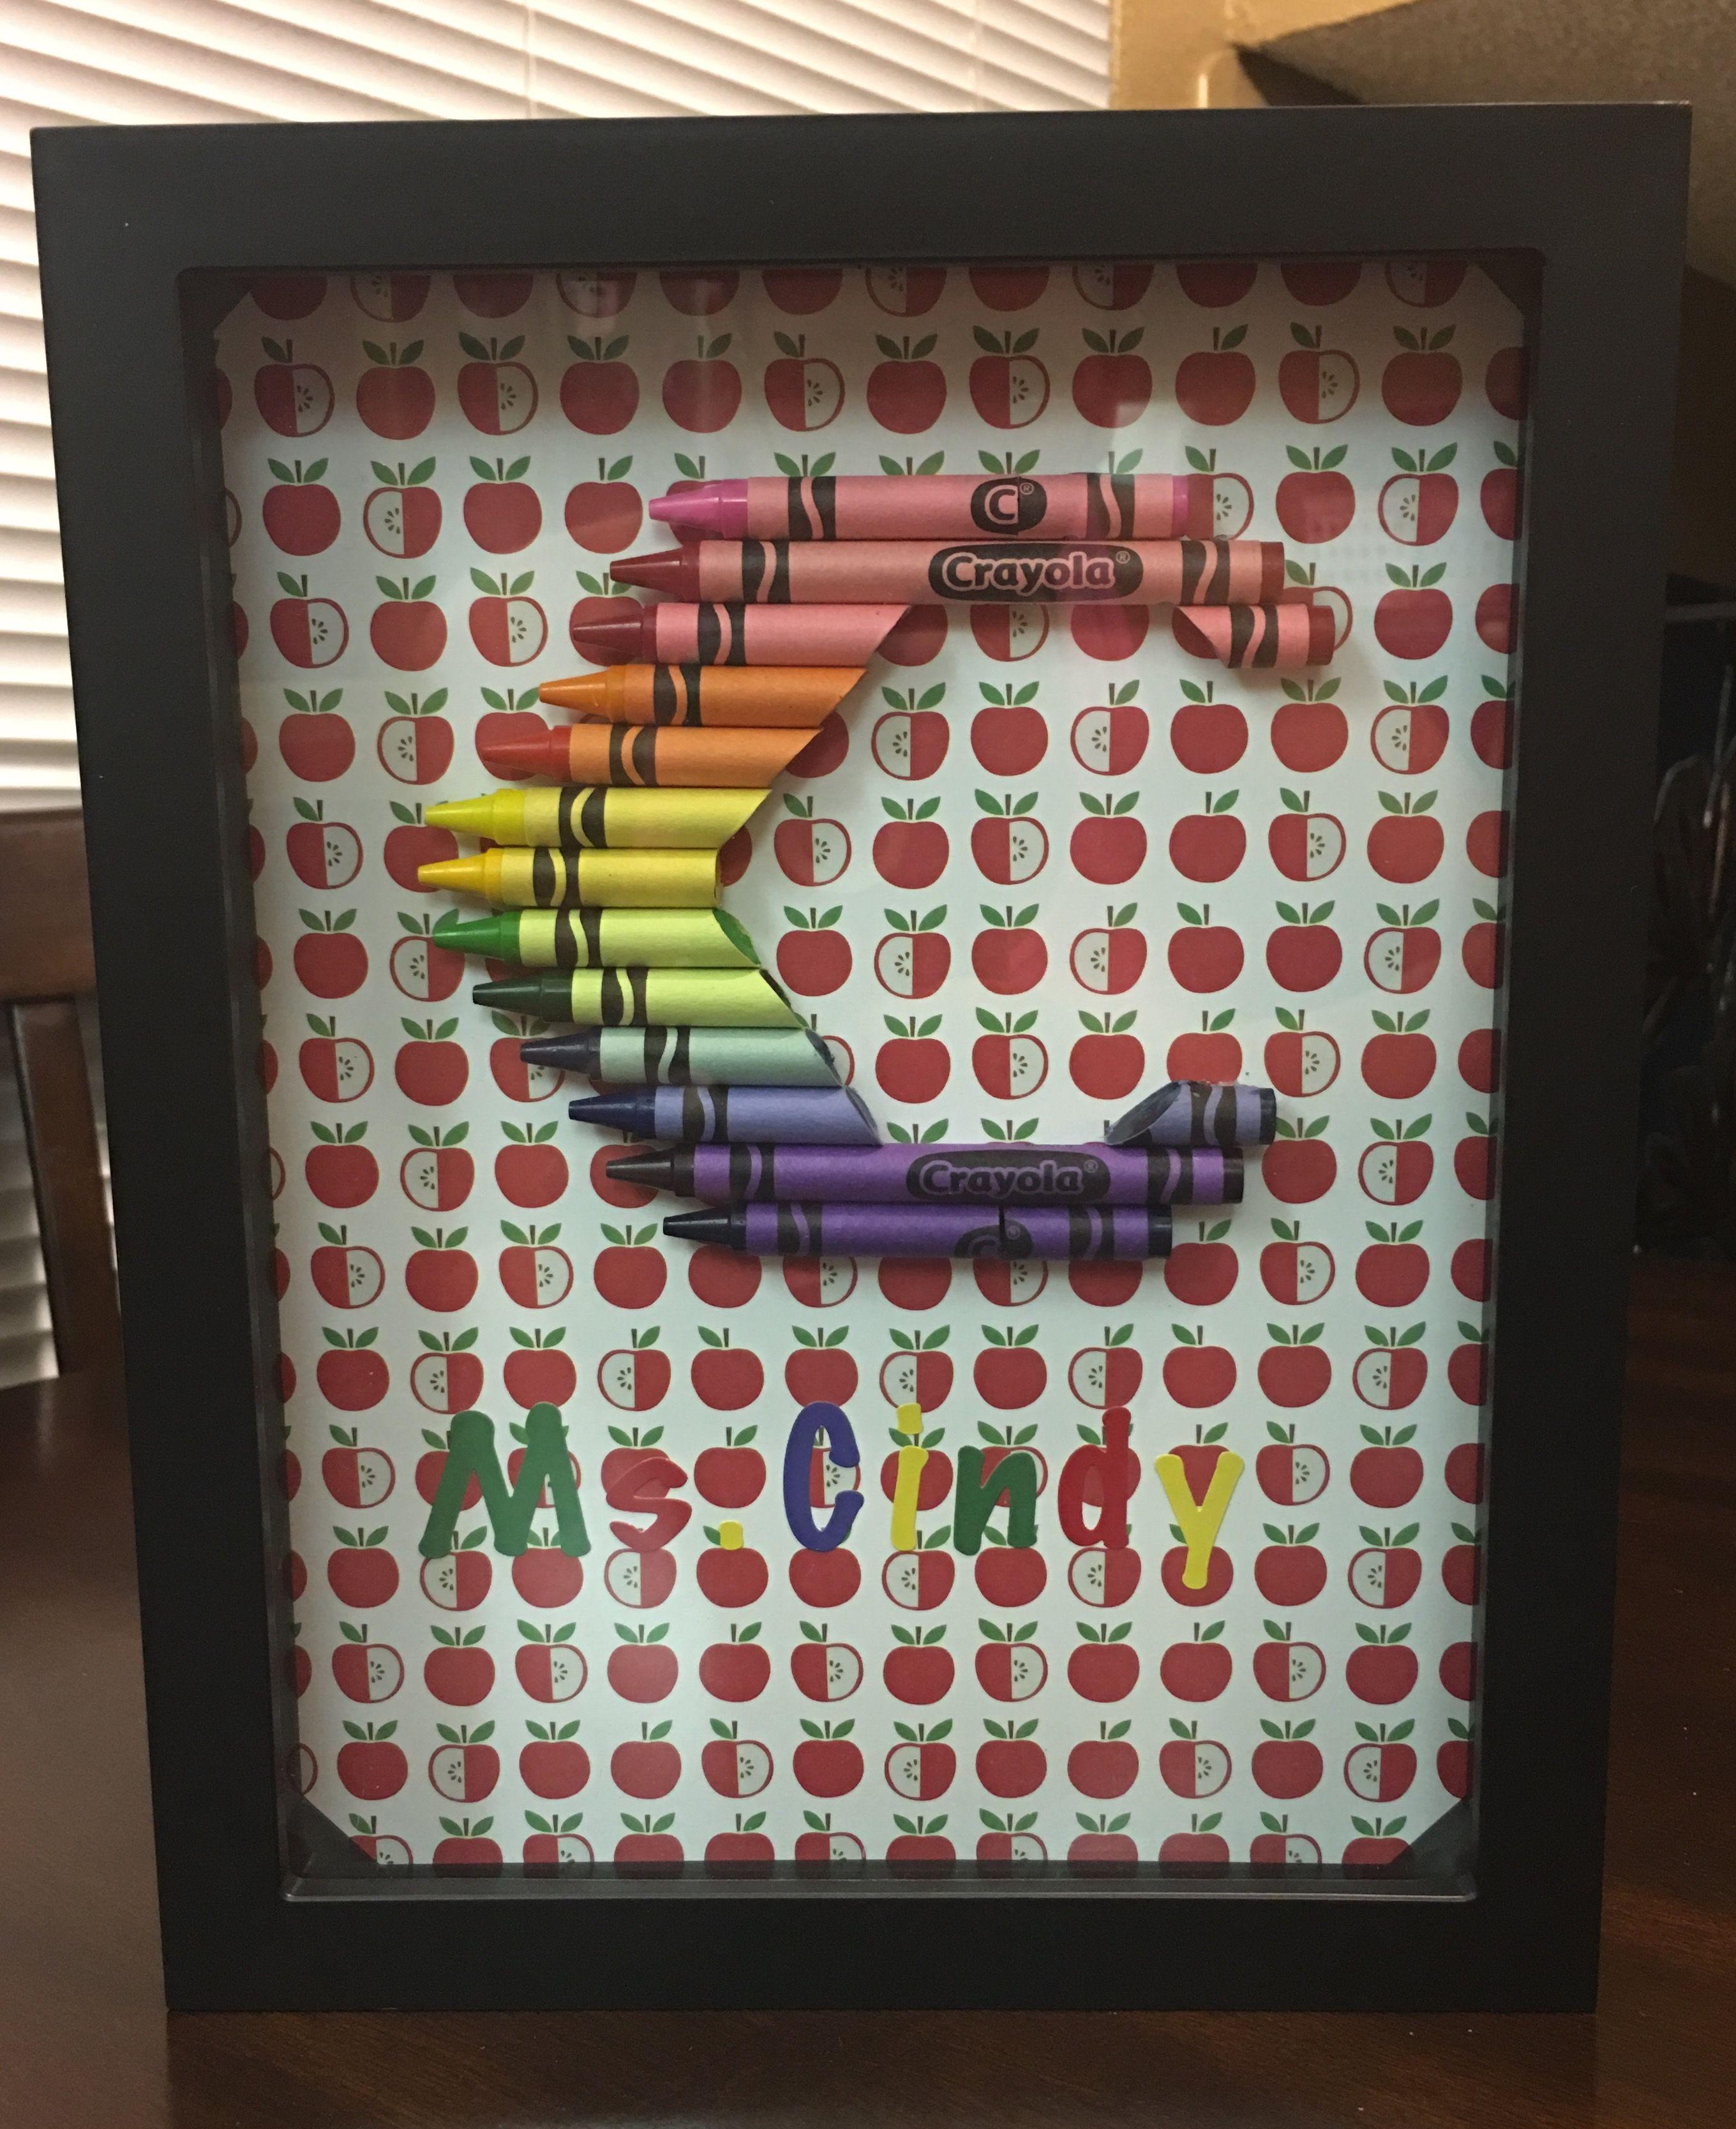 Crayola Monogram Shadowbox C Shadow box, Crayola, Creation